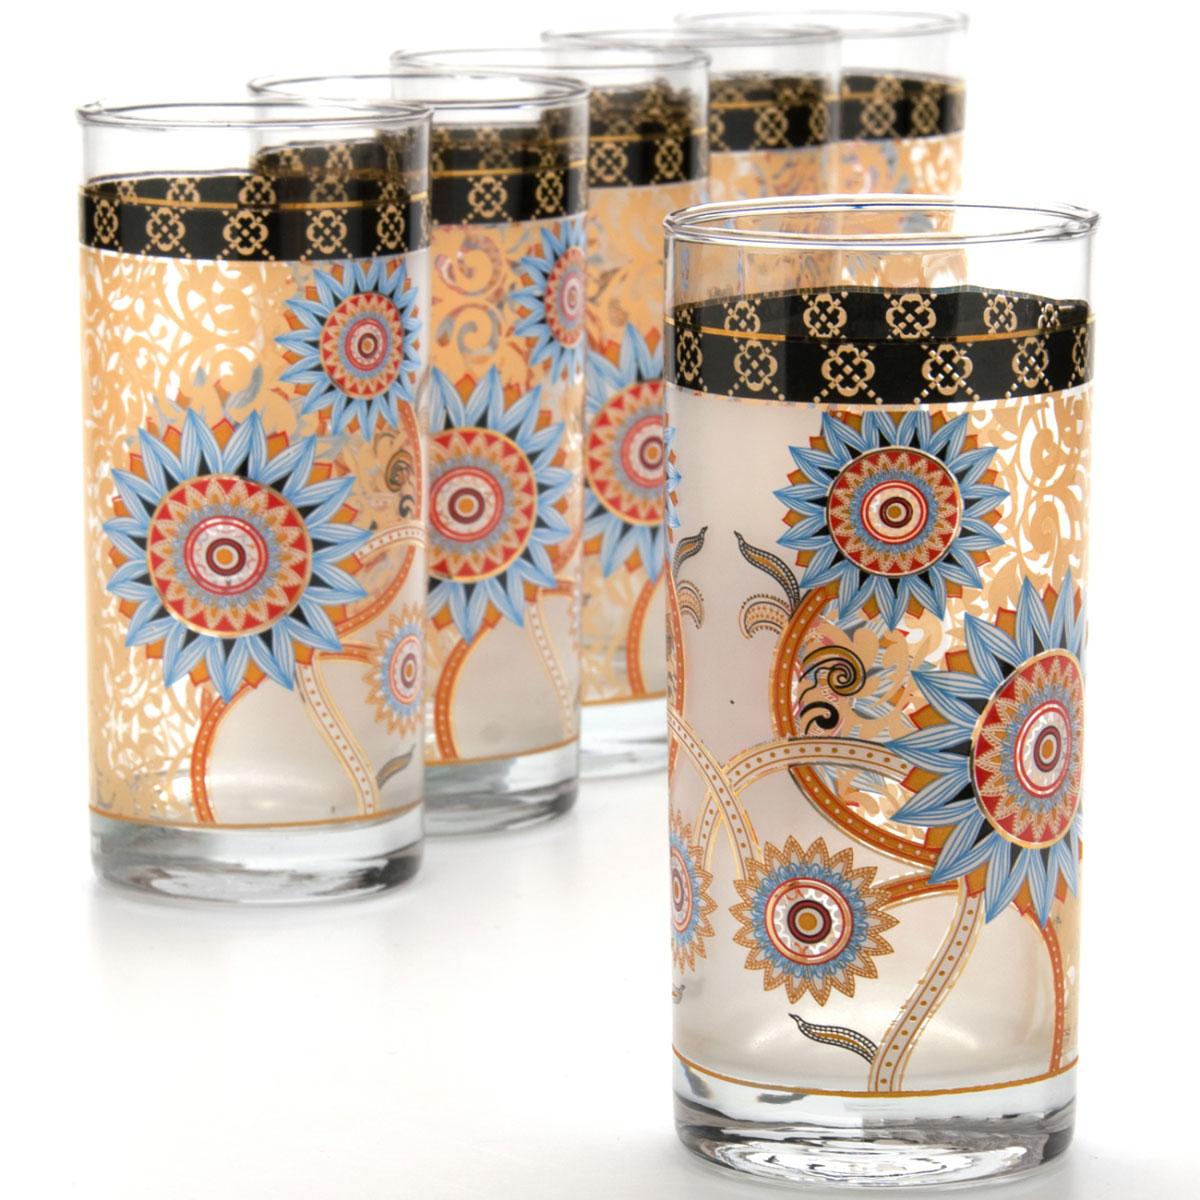 Набор стаканов Mayer & Boch, 370 мл, 6 шт. 2407724077Набор, состоящий из шести стаканов, несомненно, придется вам по душе. Стаканы выполнены из высококачественного стекла в мягких тонах с оригинальным узором. Благодаря такому набору пить напитки будет еще вкуснее. Набор стаканов Loraine станет также отличным подарком на любой праздник. Подходит для горячих и холодных напитков